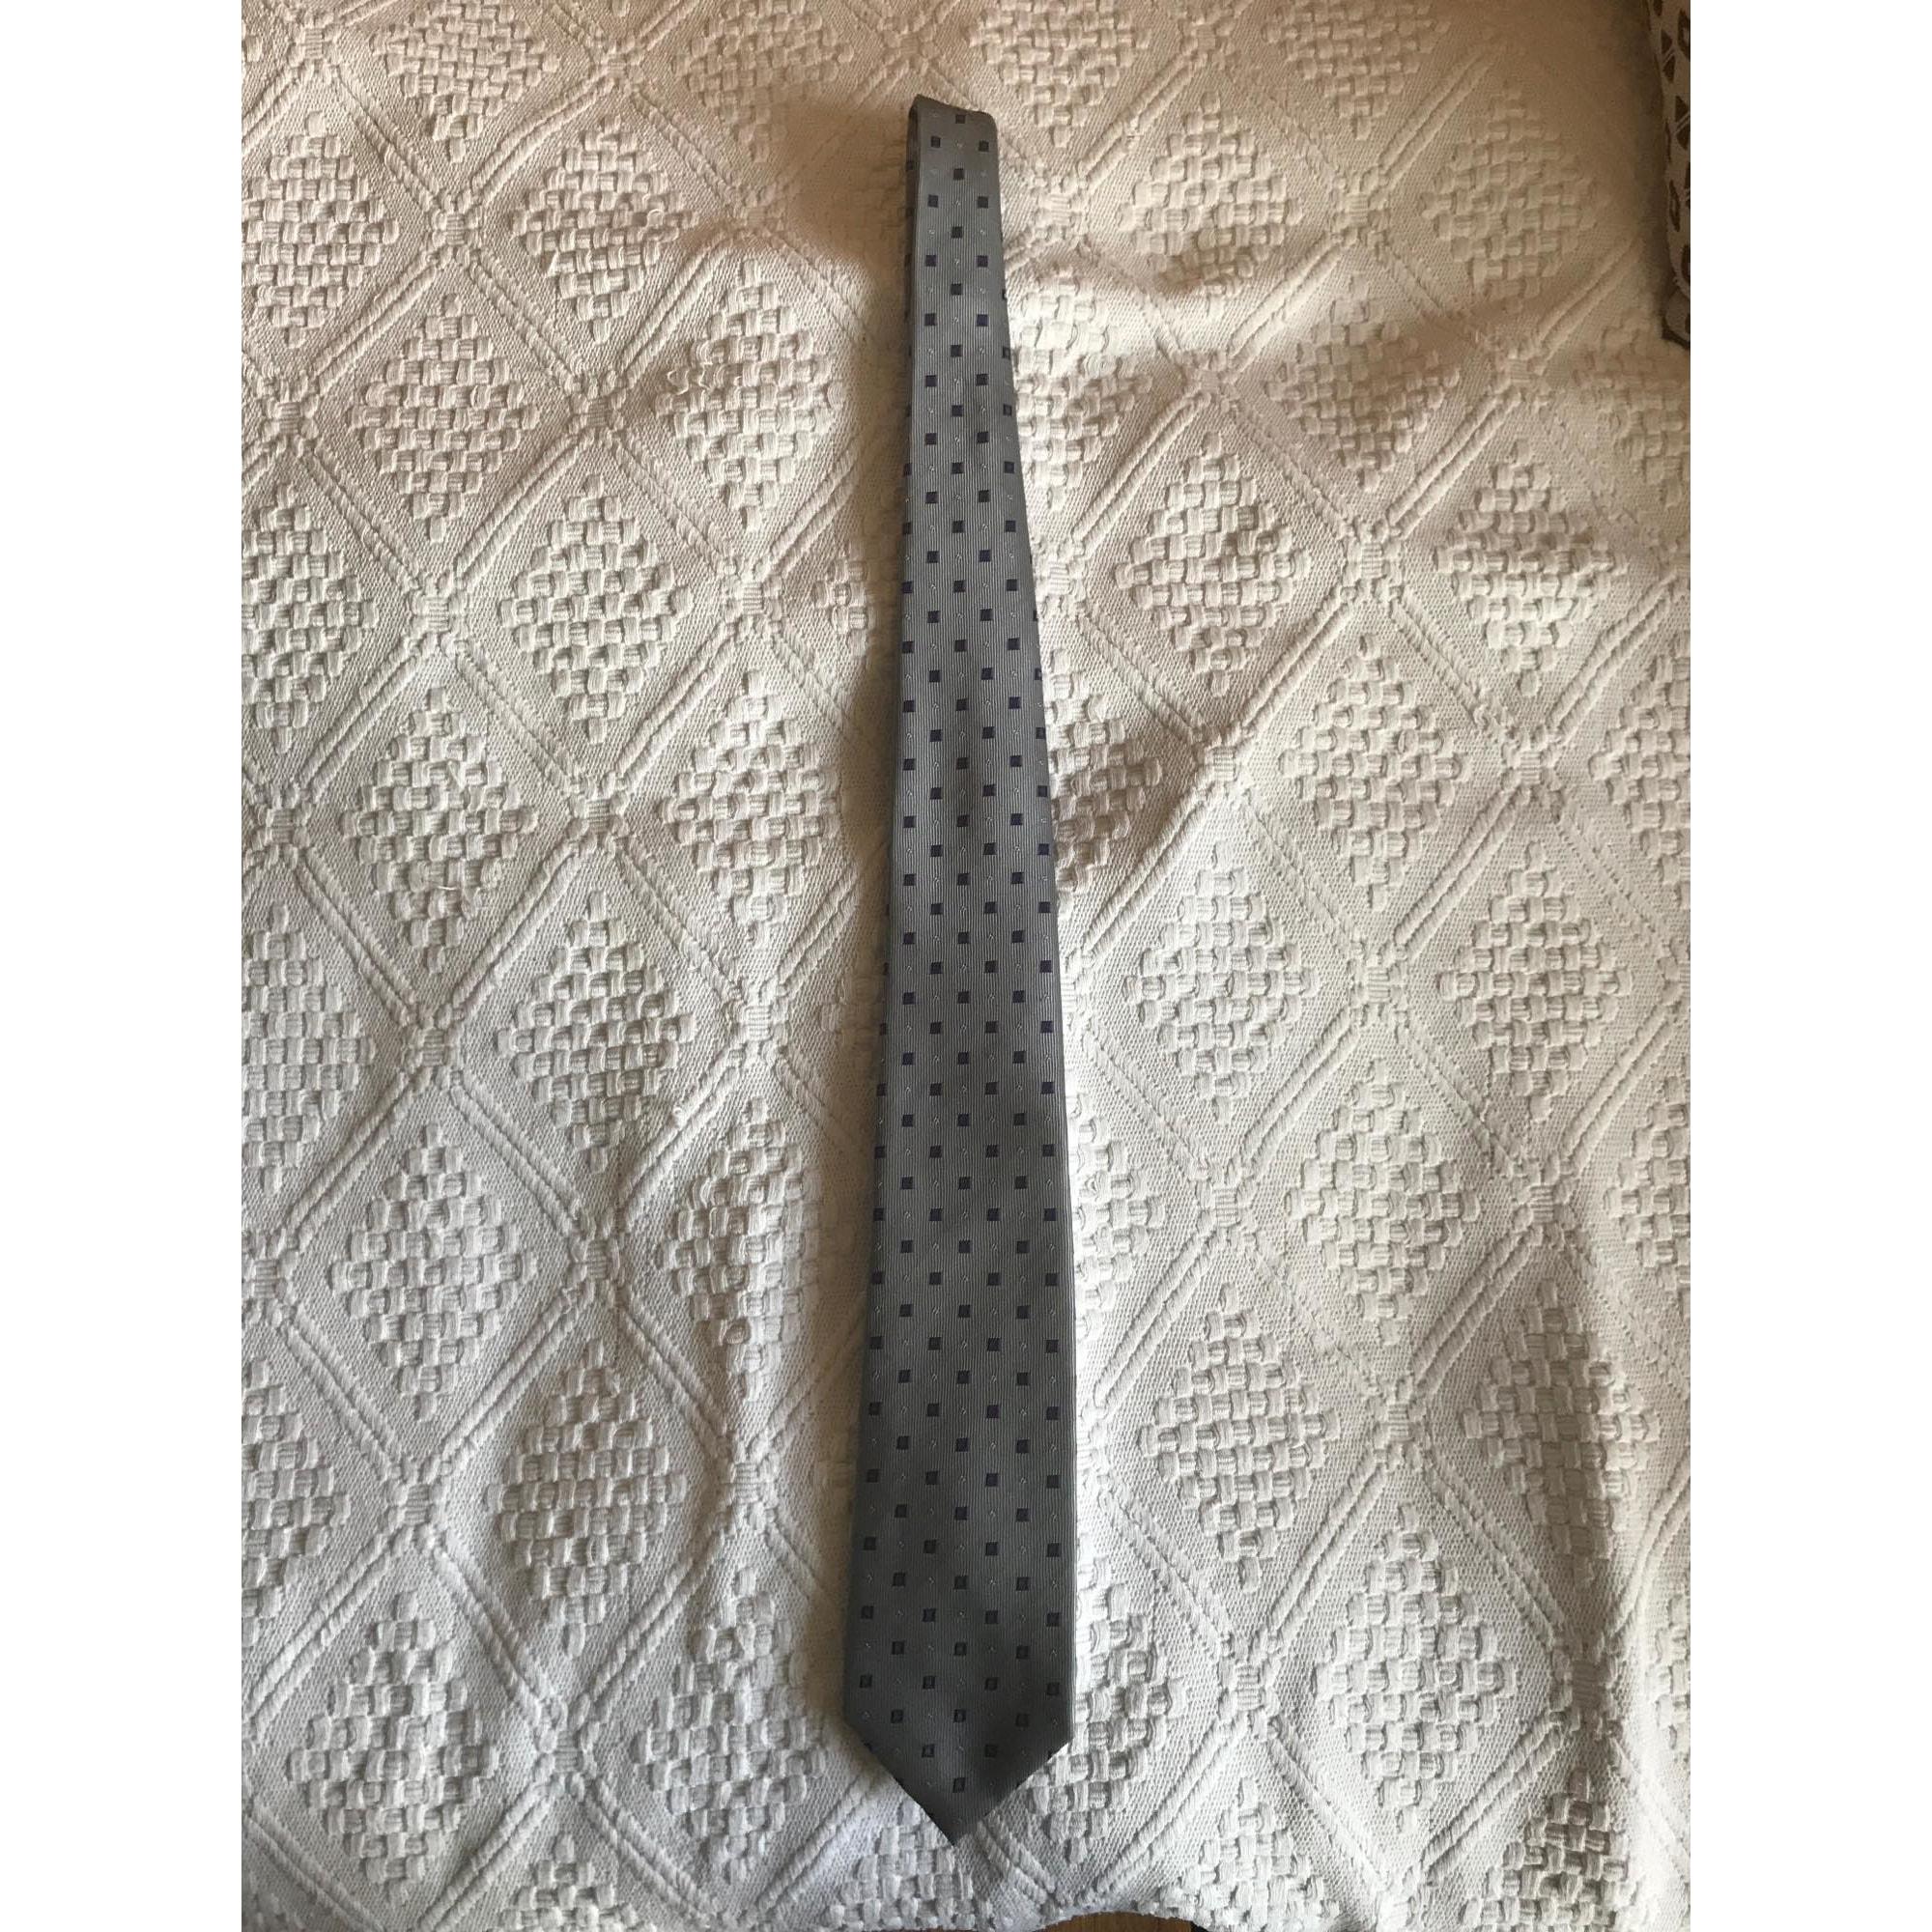 Cravate GALERIES LAFAYETTE Gris, anthracite